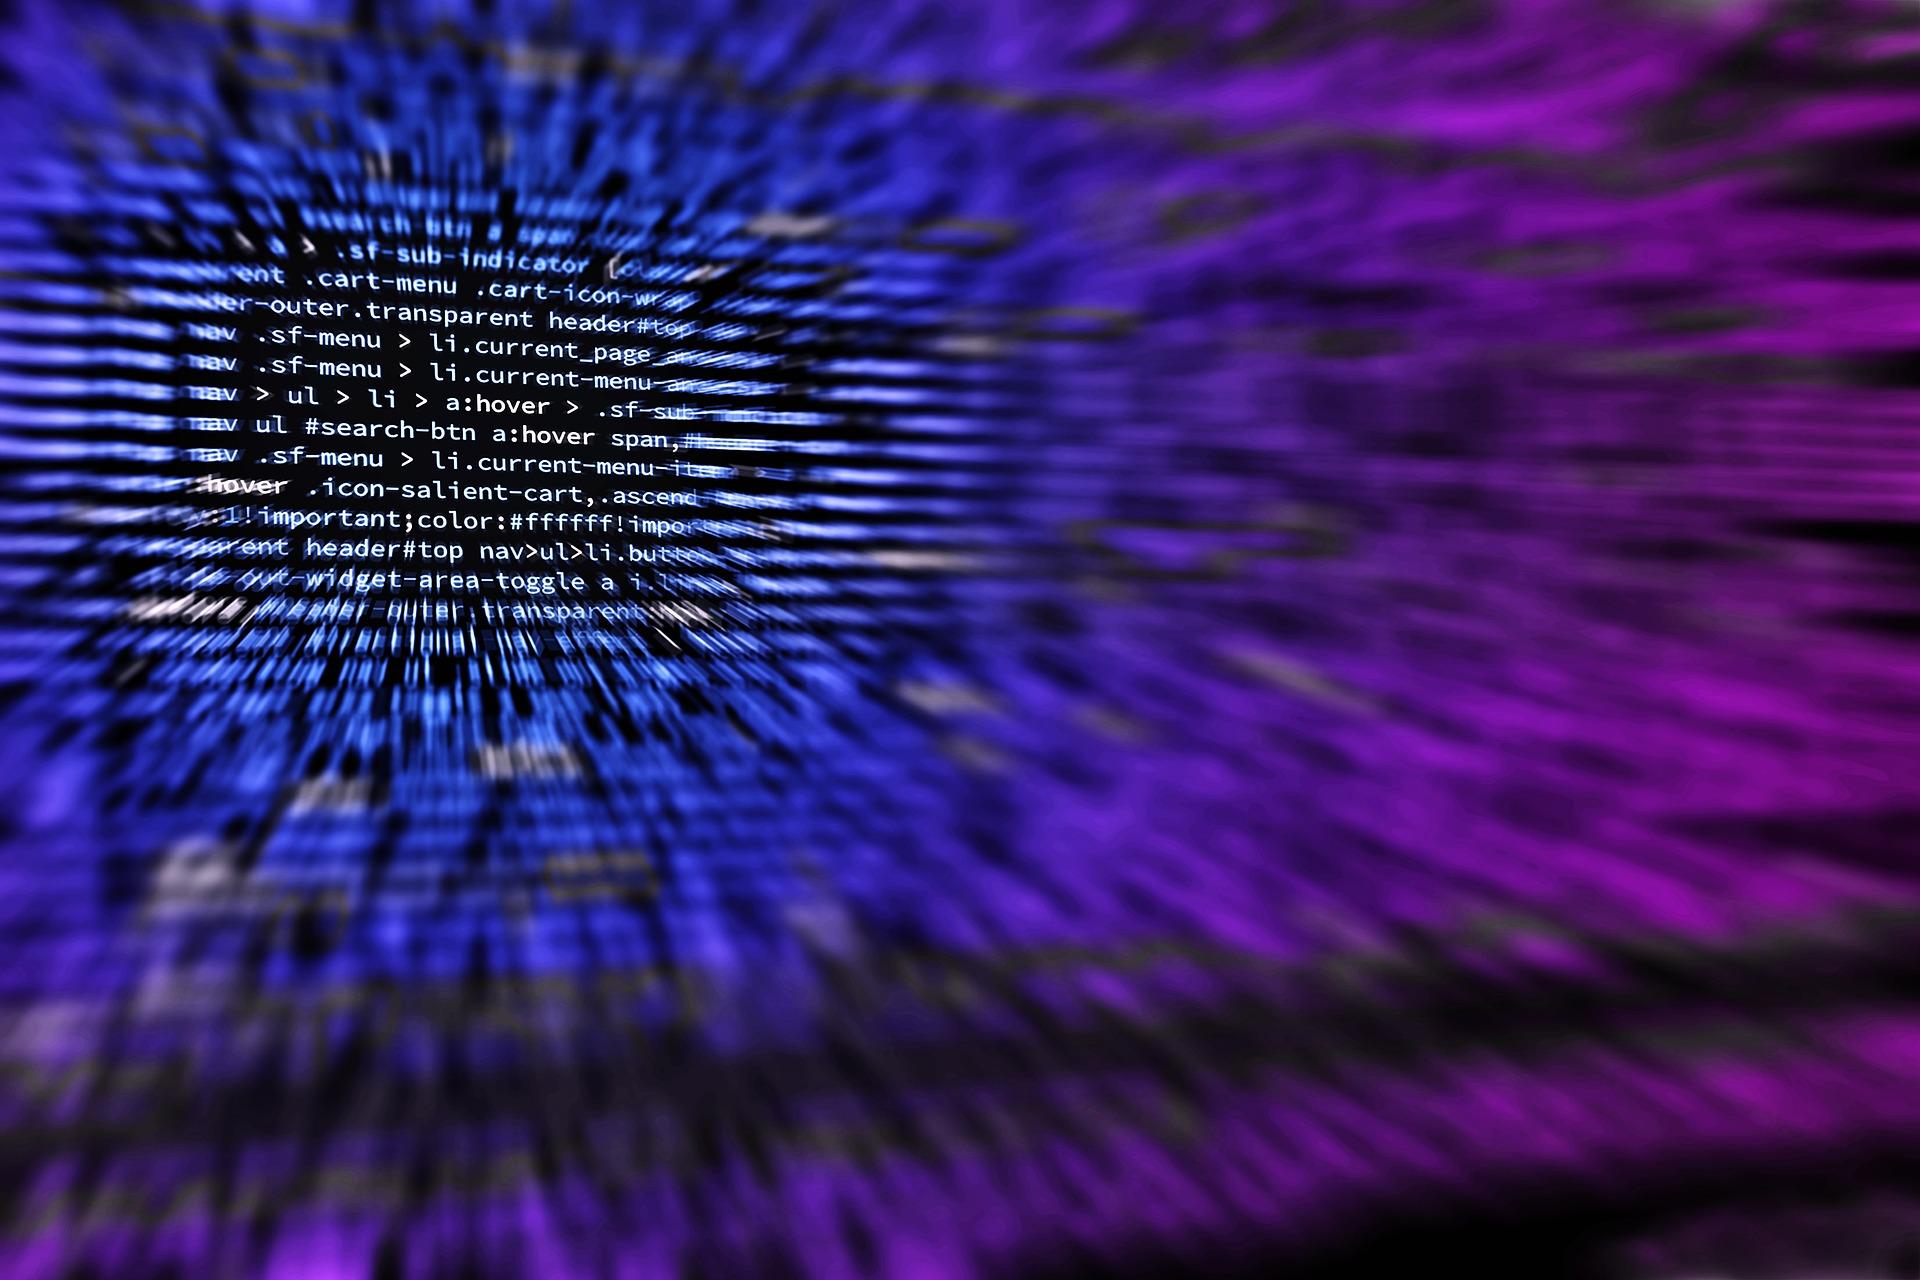 Algoritmi e servizi ai cittadini: perché la trasparenza è importante